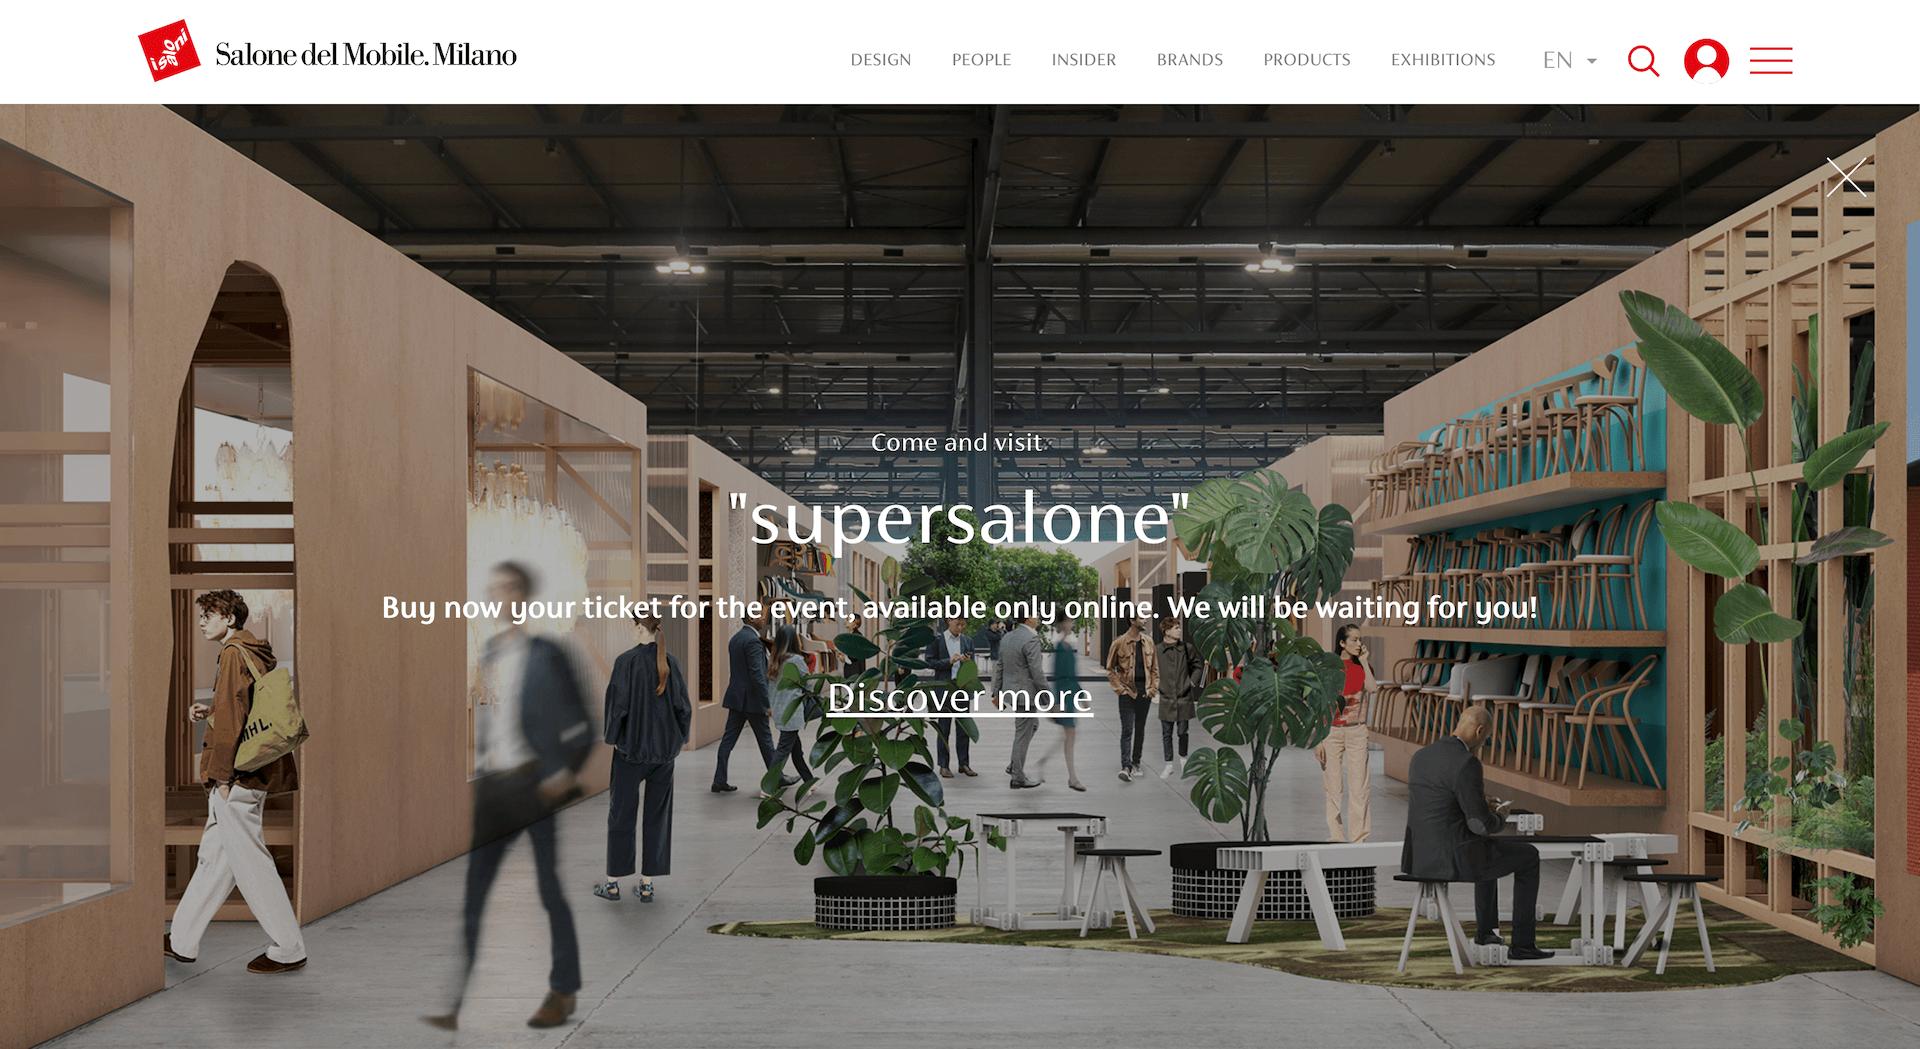 Salone del Mobile Design Exhibition